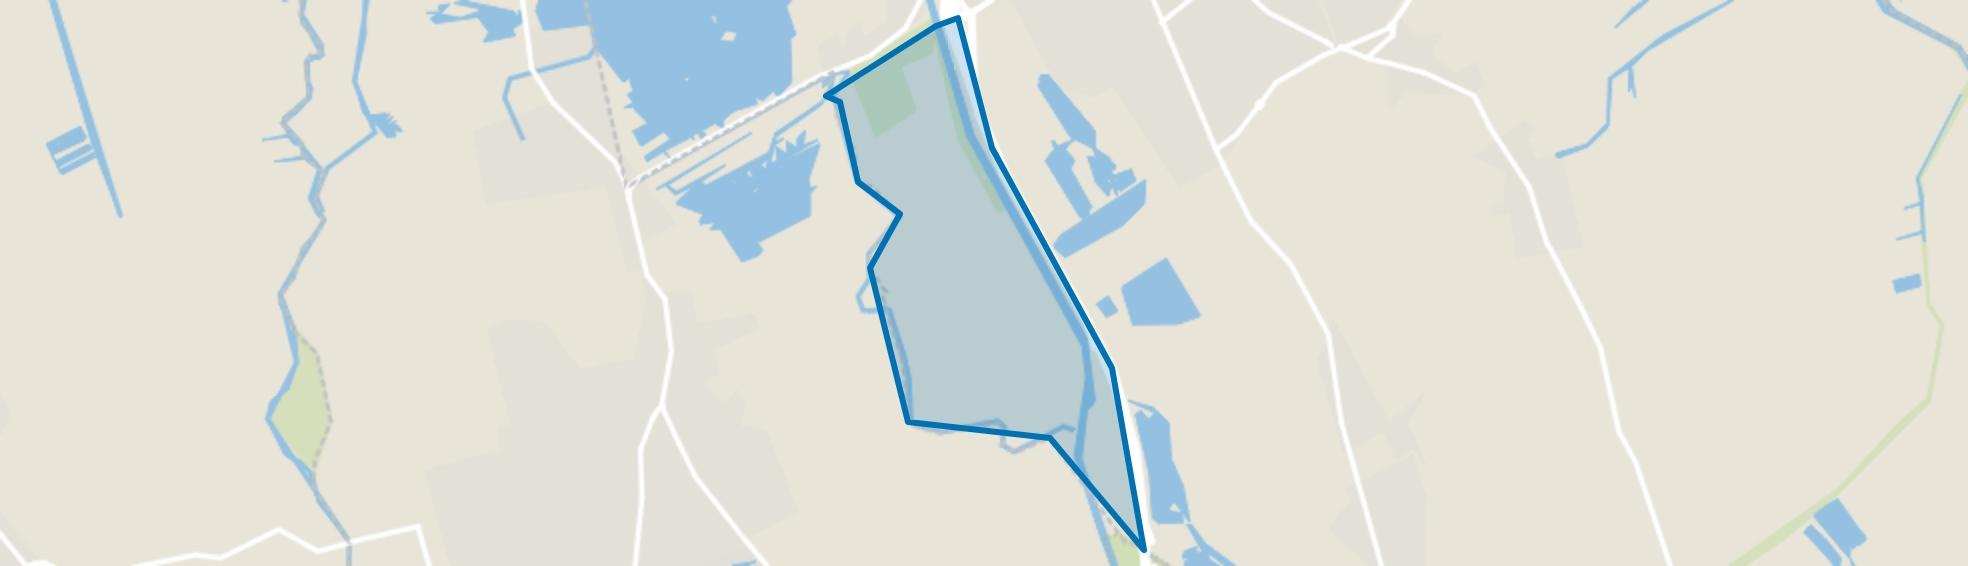 Buitengebied Haren-Zuidwest, Haren (GR) map